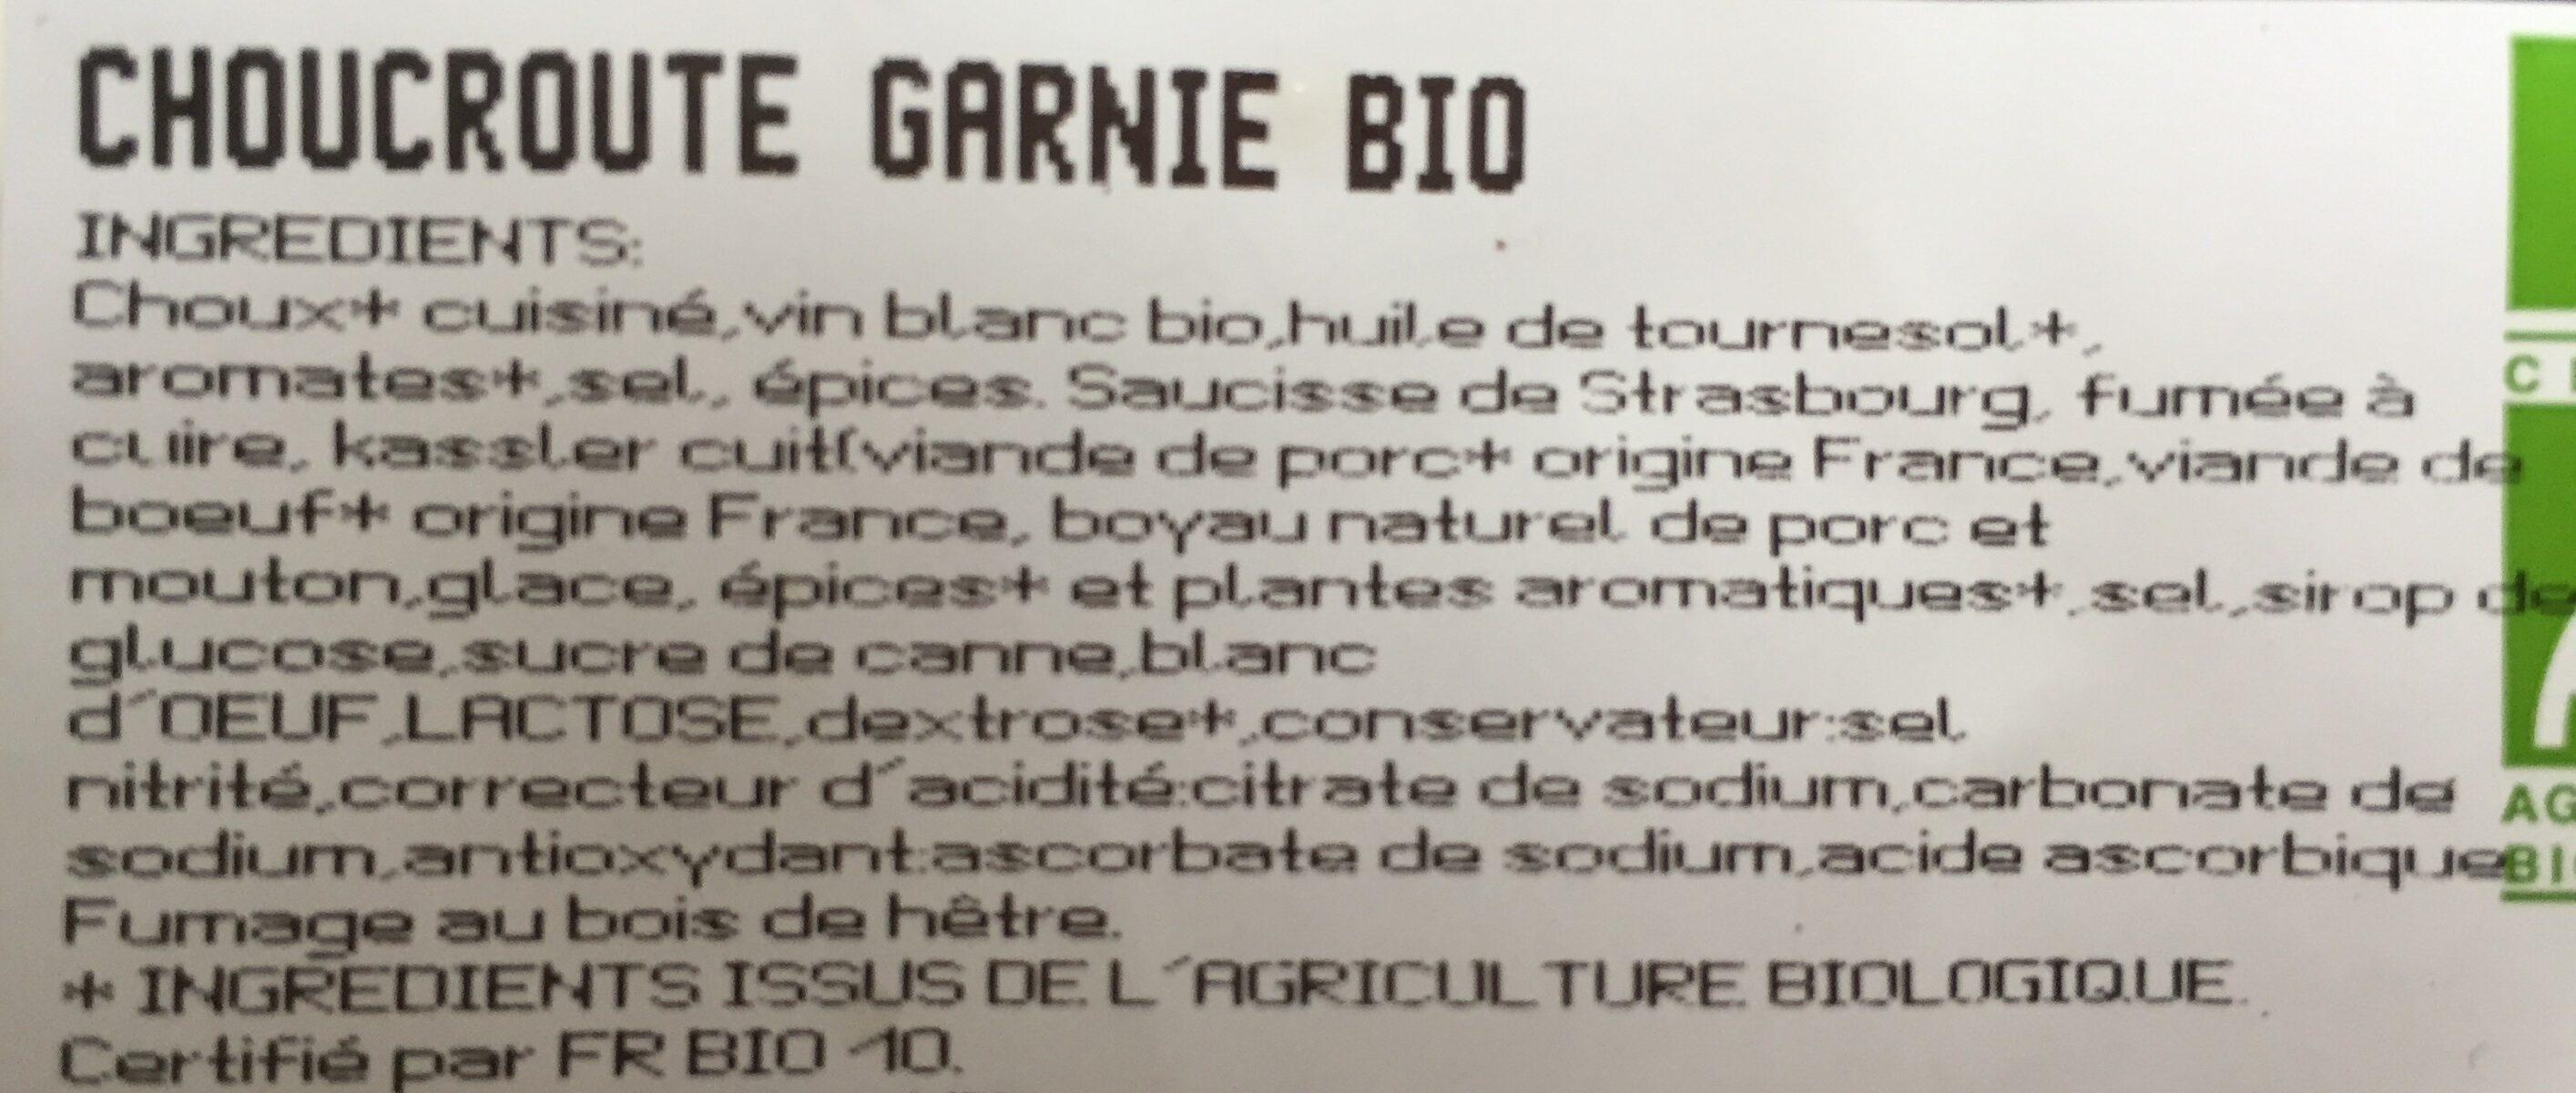 Choucroute garnie bio - Ingrédients - fr